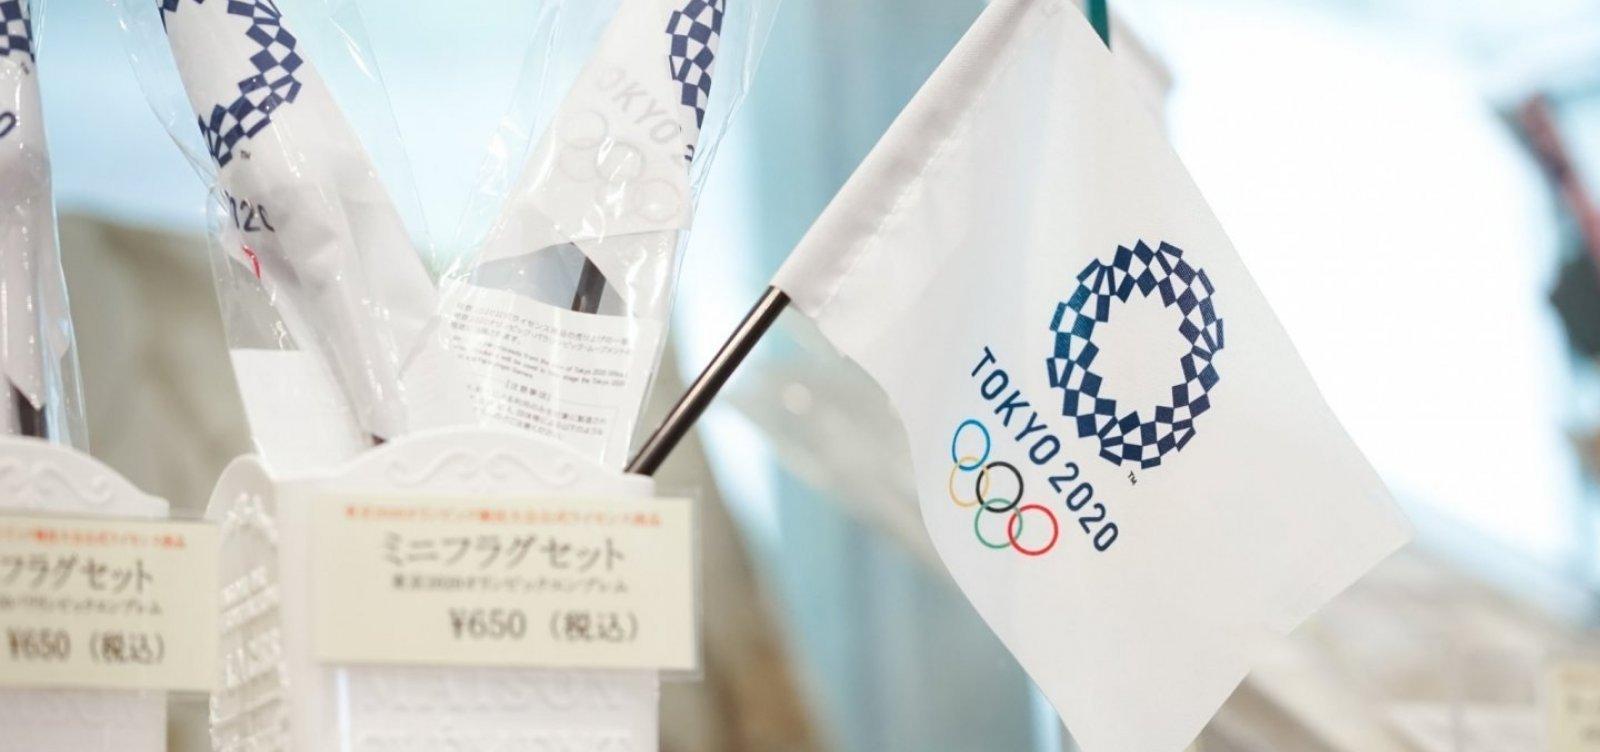 Japão realizará Olimpíadas independentemente da pandemia, diz presidente do COI